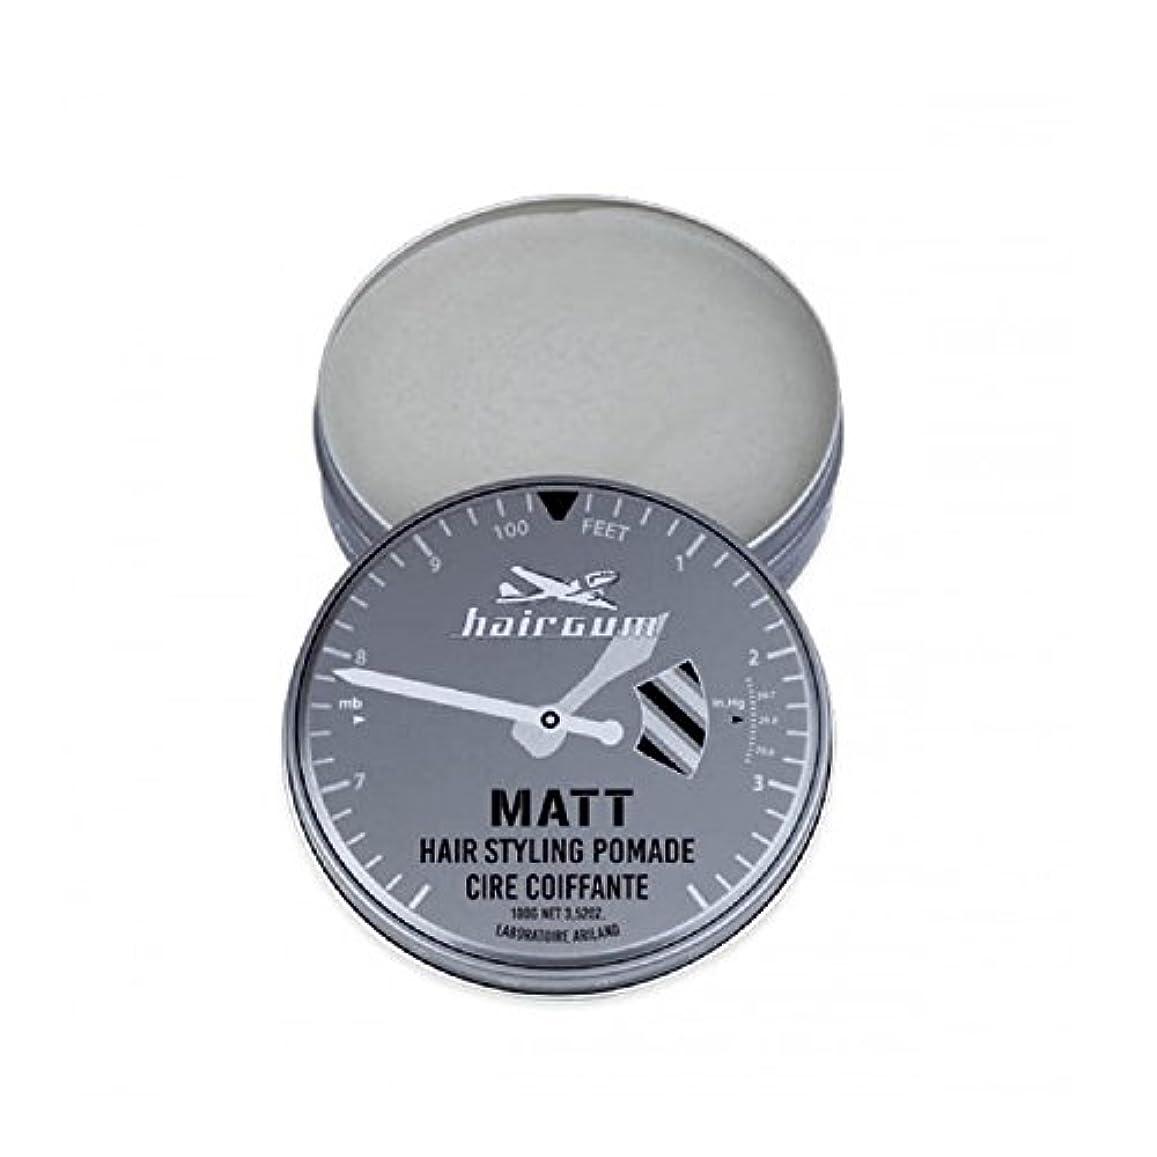 黒板割り当てます自動hairgum(ヘアガム) Matt Pomade 100g ヘアガム マット 油性 ポマード グリース